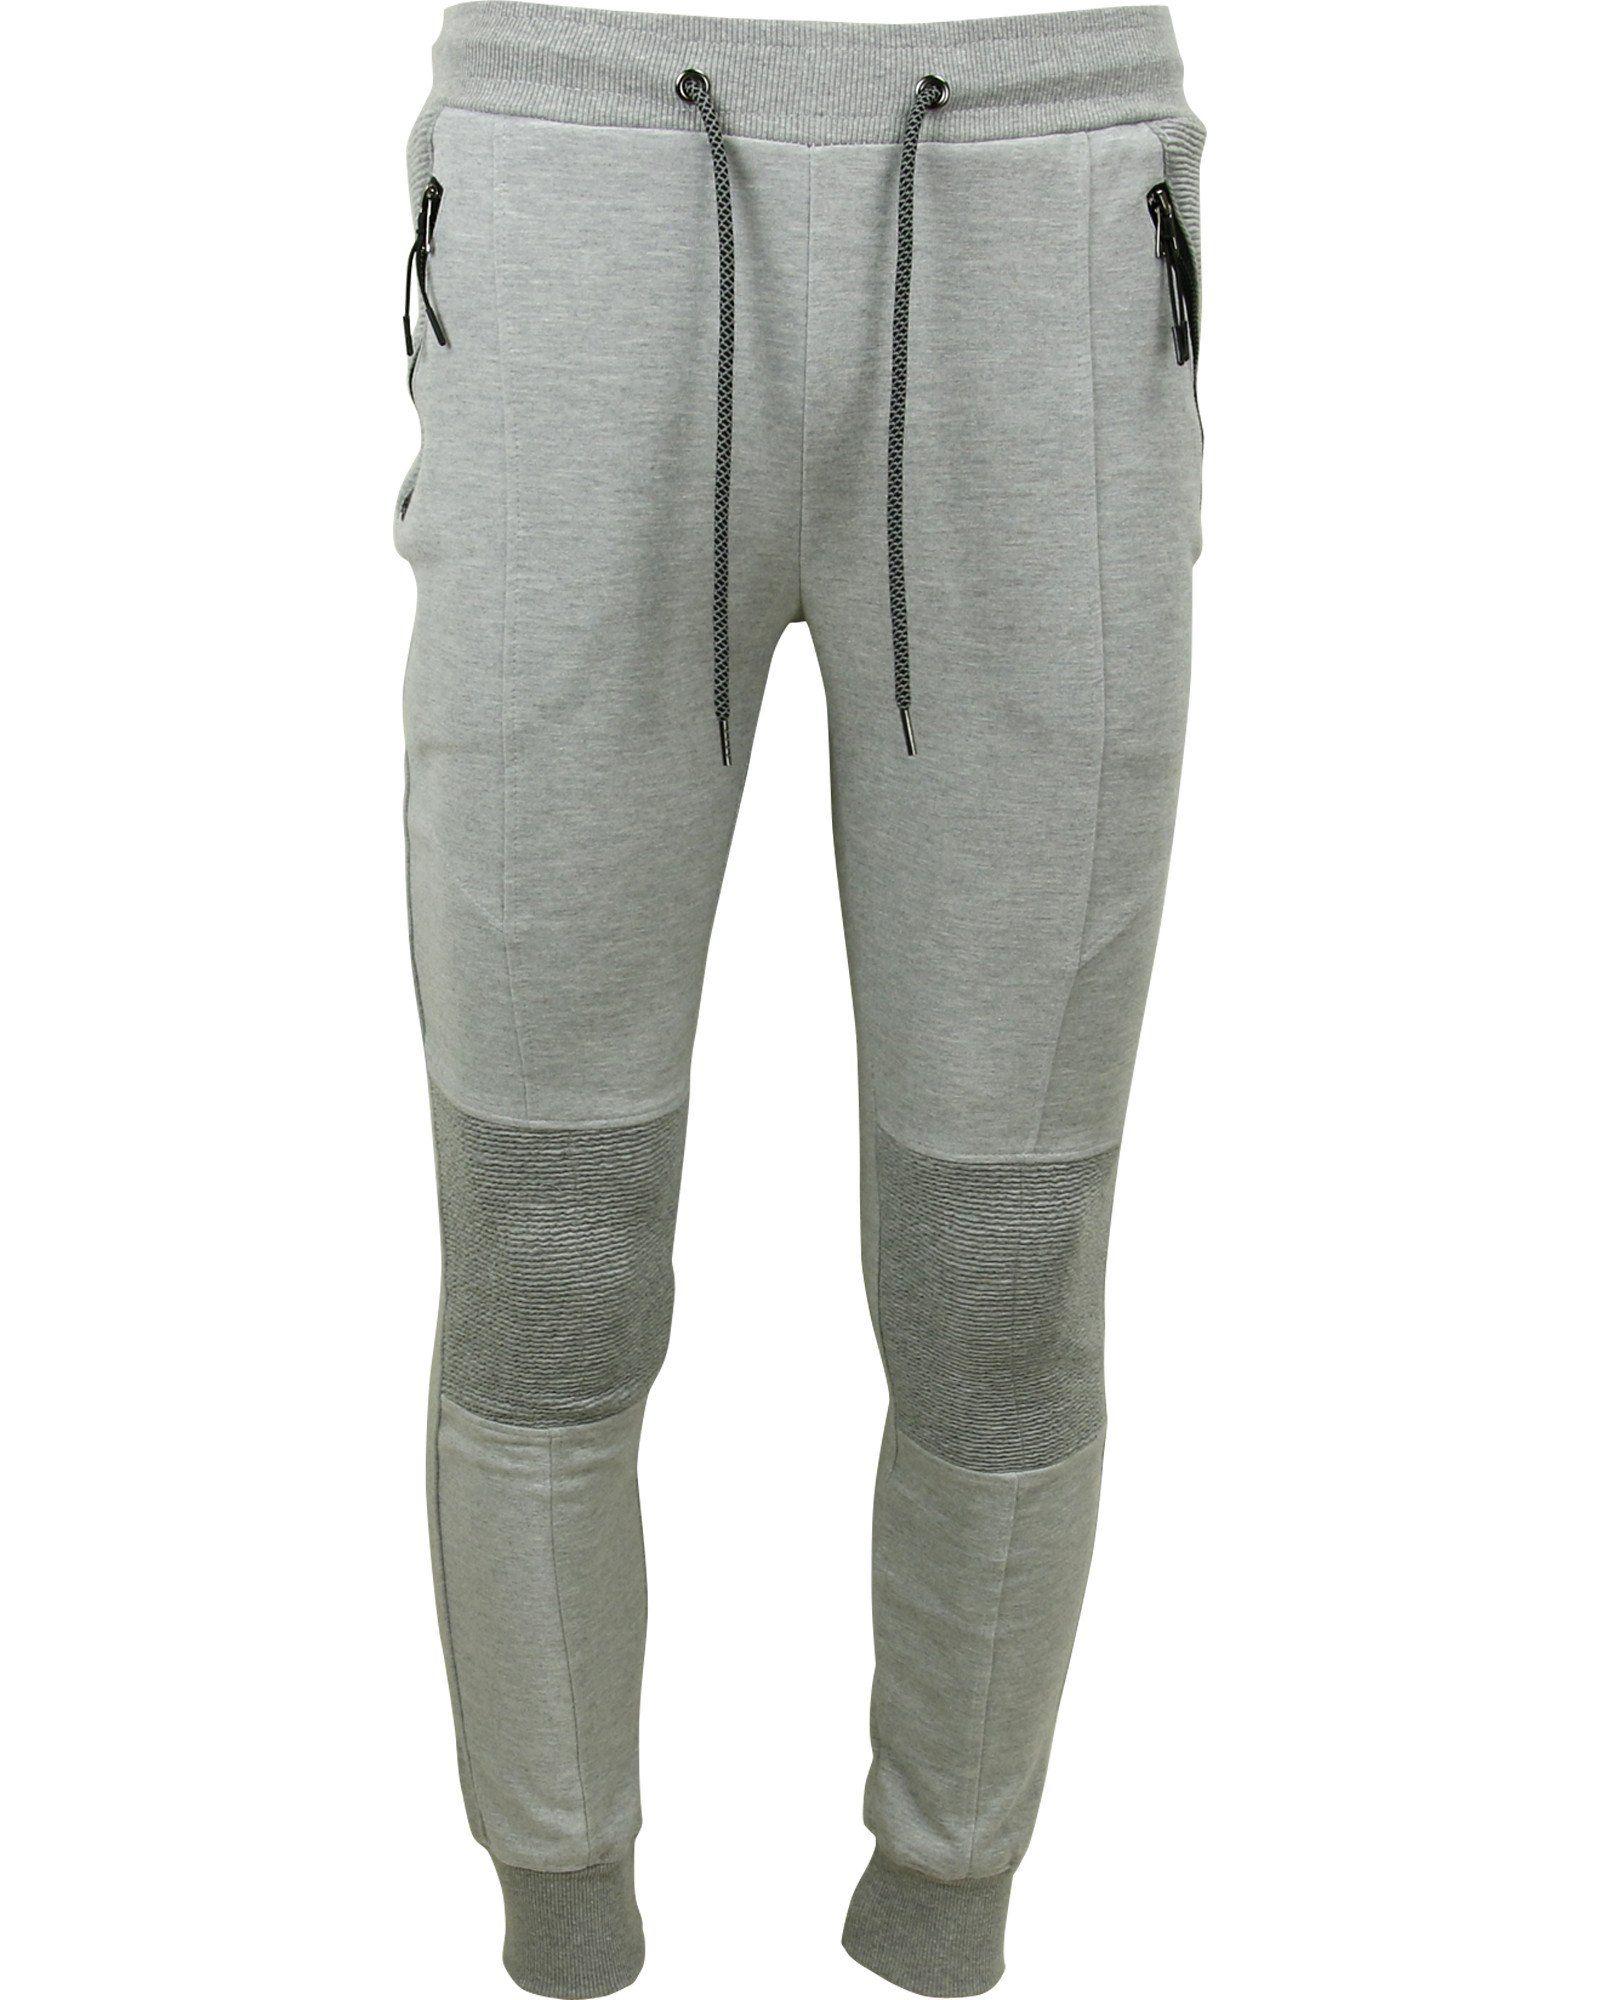 Men's Tech Fleece Motto Jogger (With images) Tech fleece